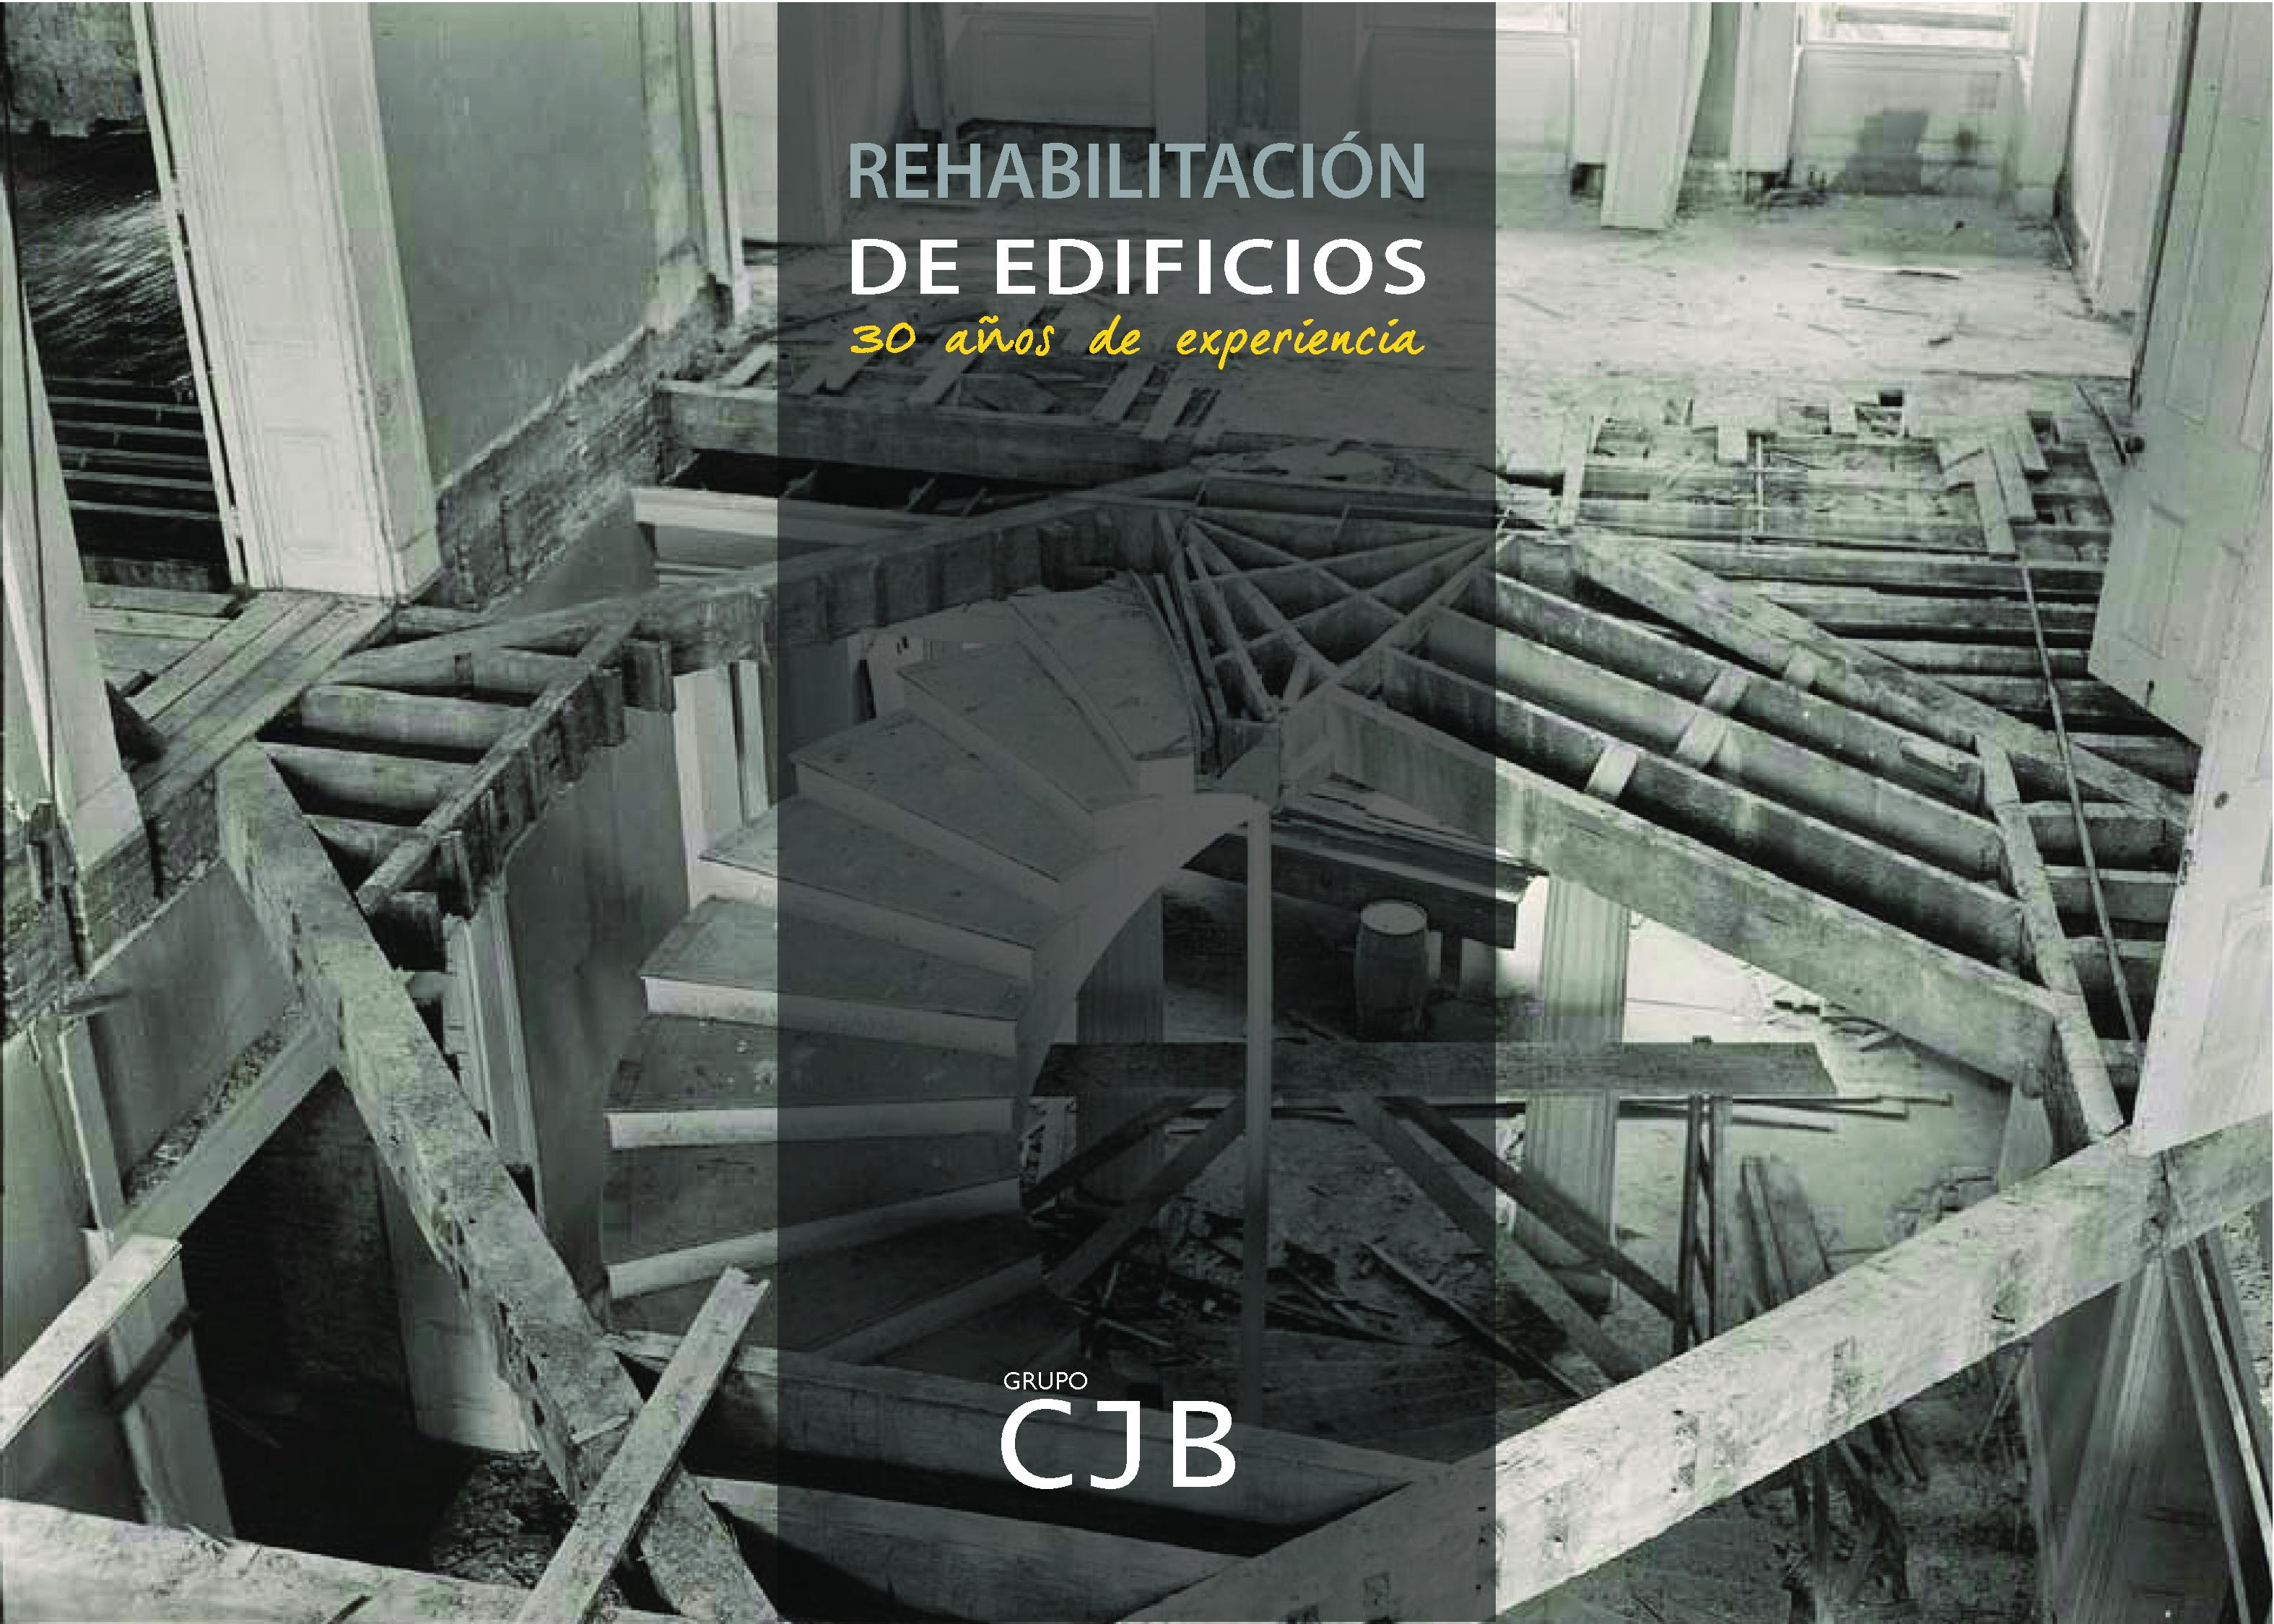 portadaREHABILITACION-EDIFICIOS1